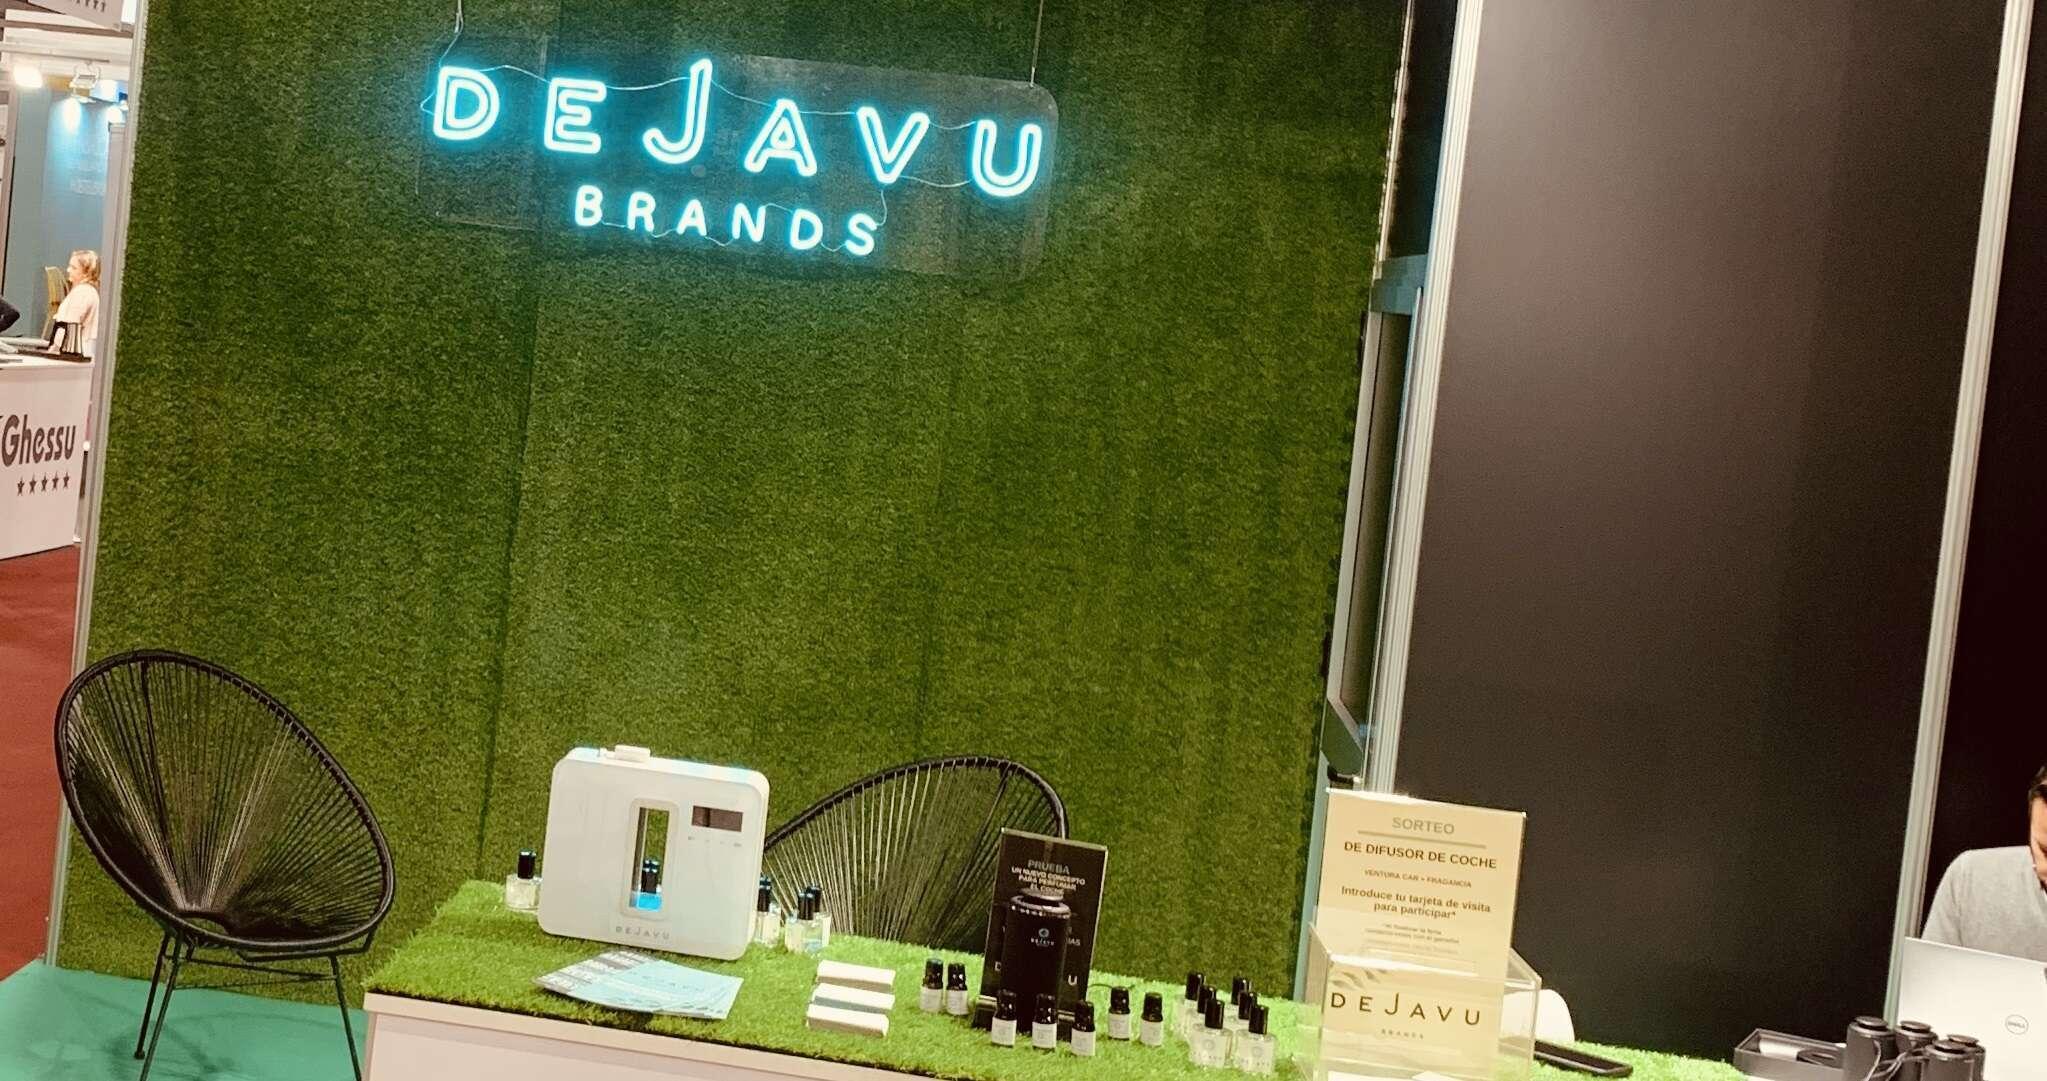 Dejavu Brands presente en la feria HIP 2020 del sector HORECA